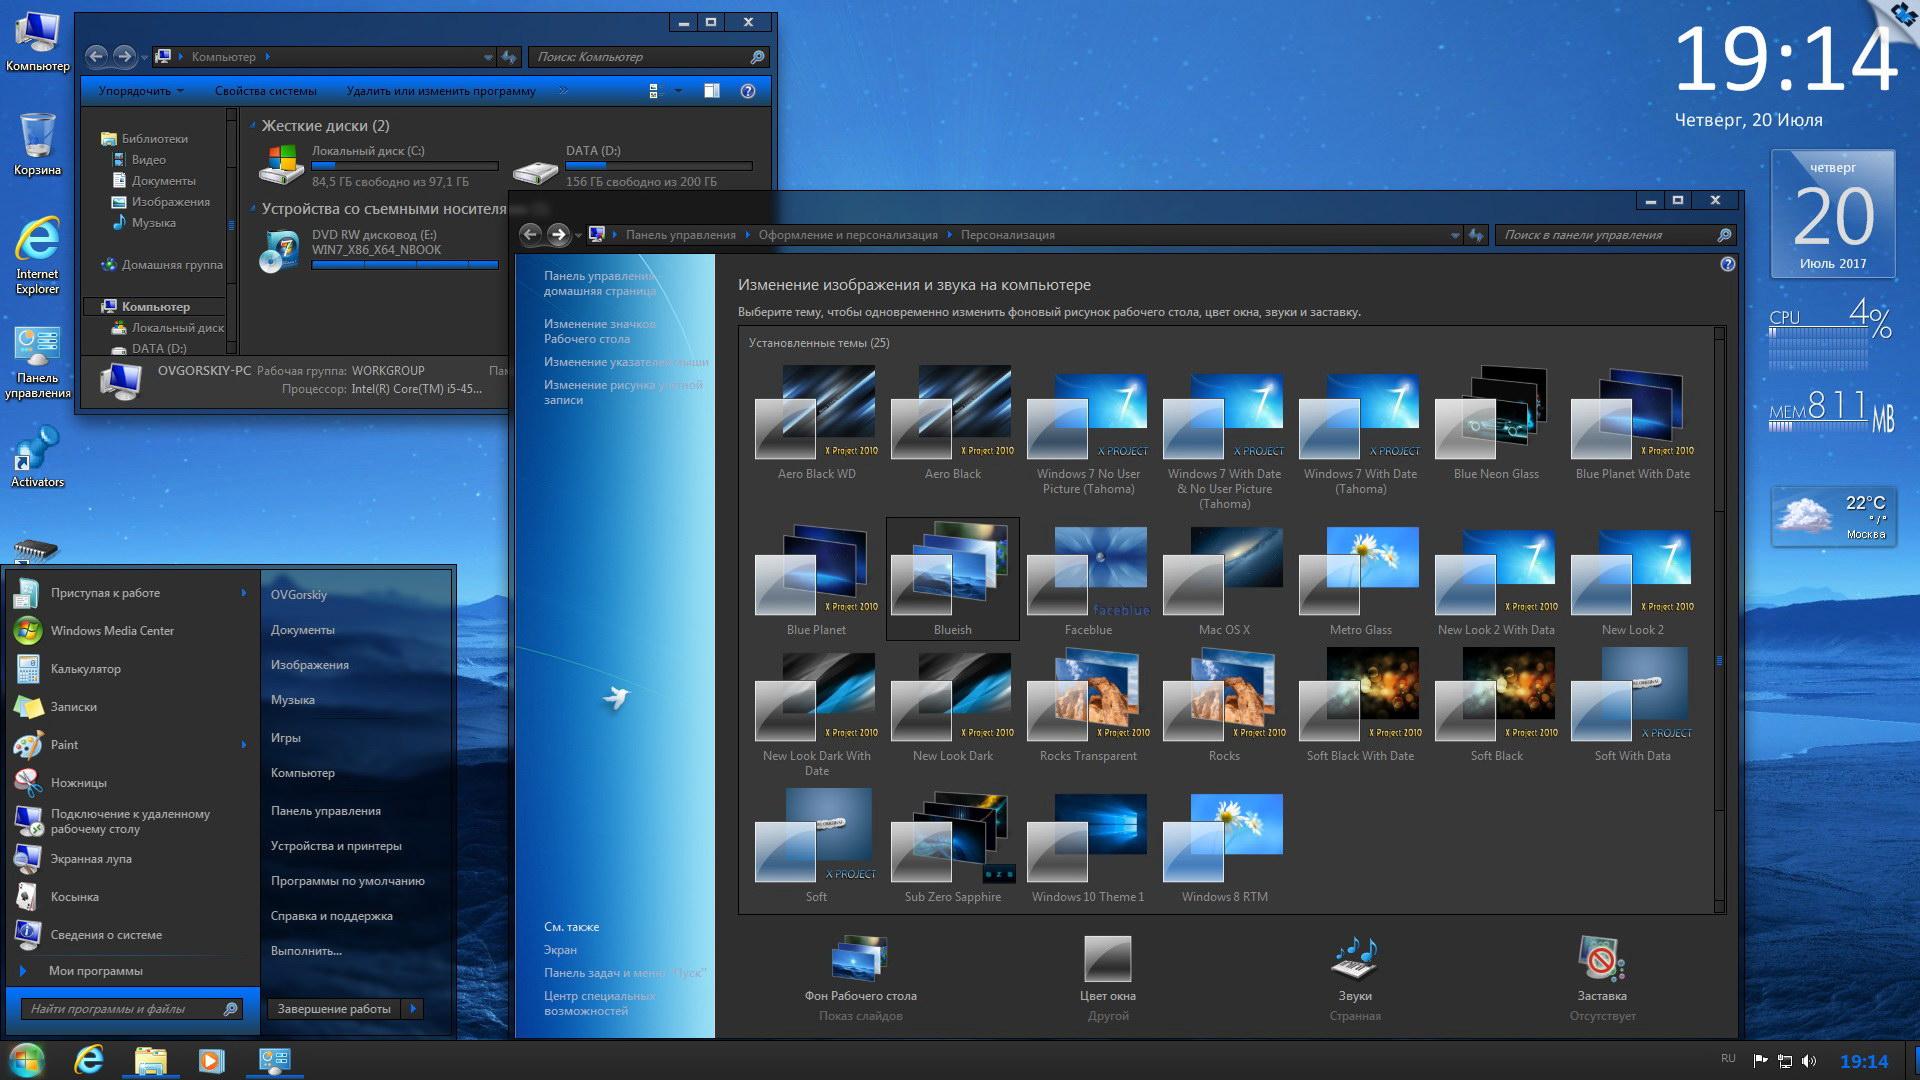 windows 7 ultimate 64 bit скачать с торрента